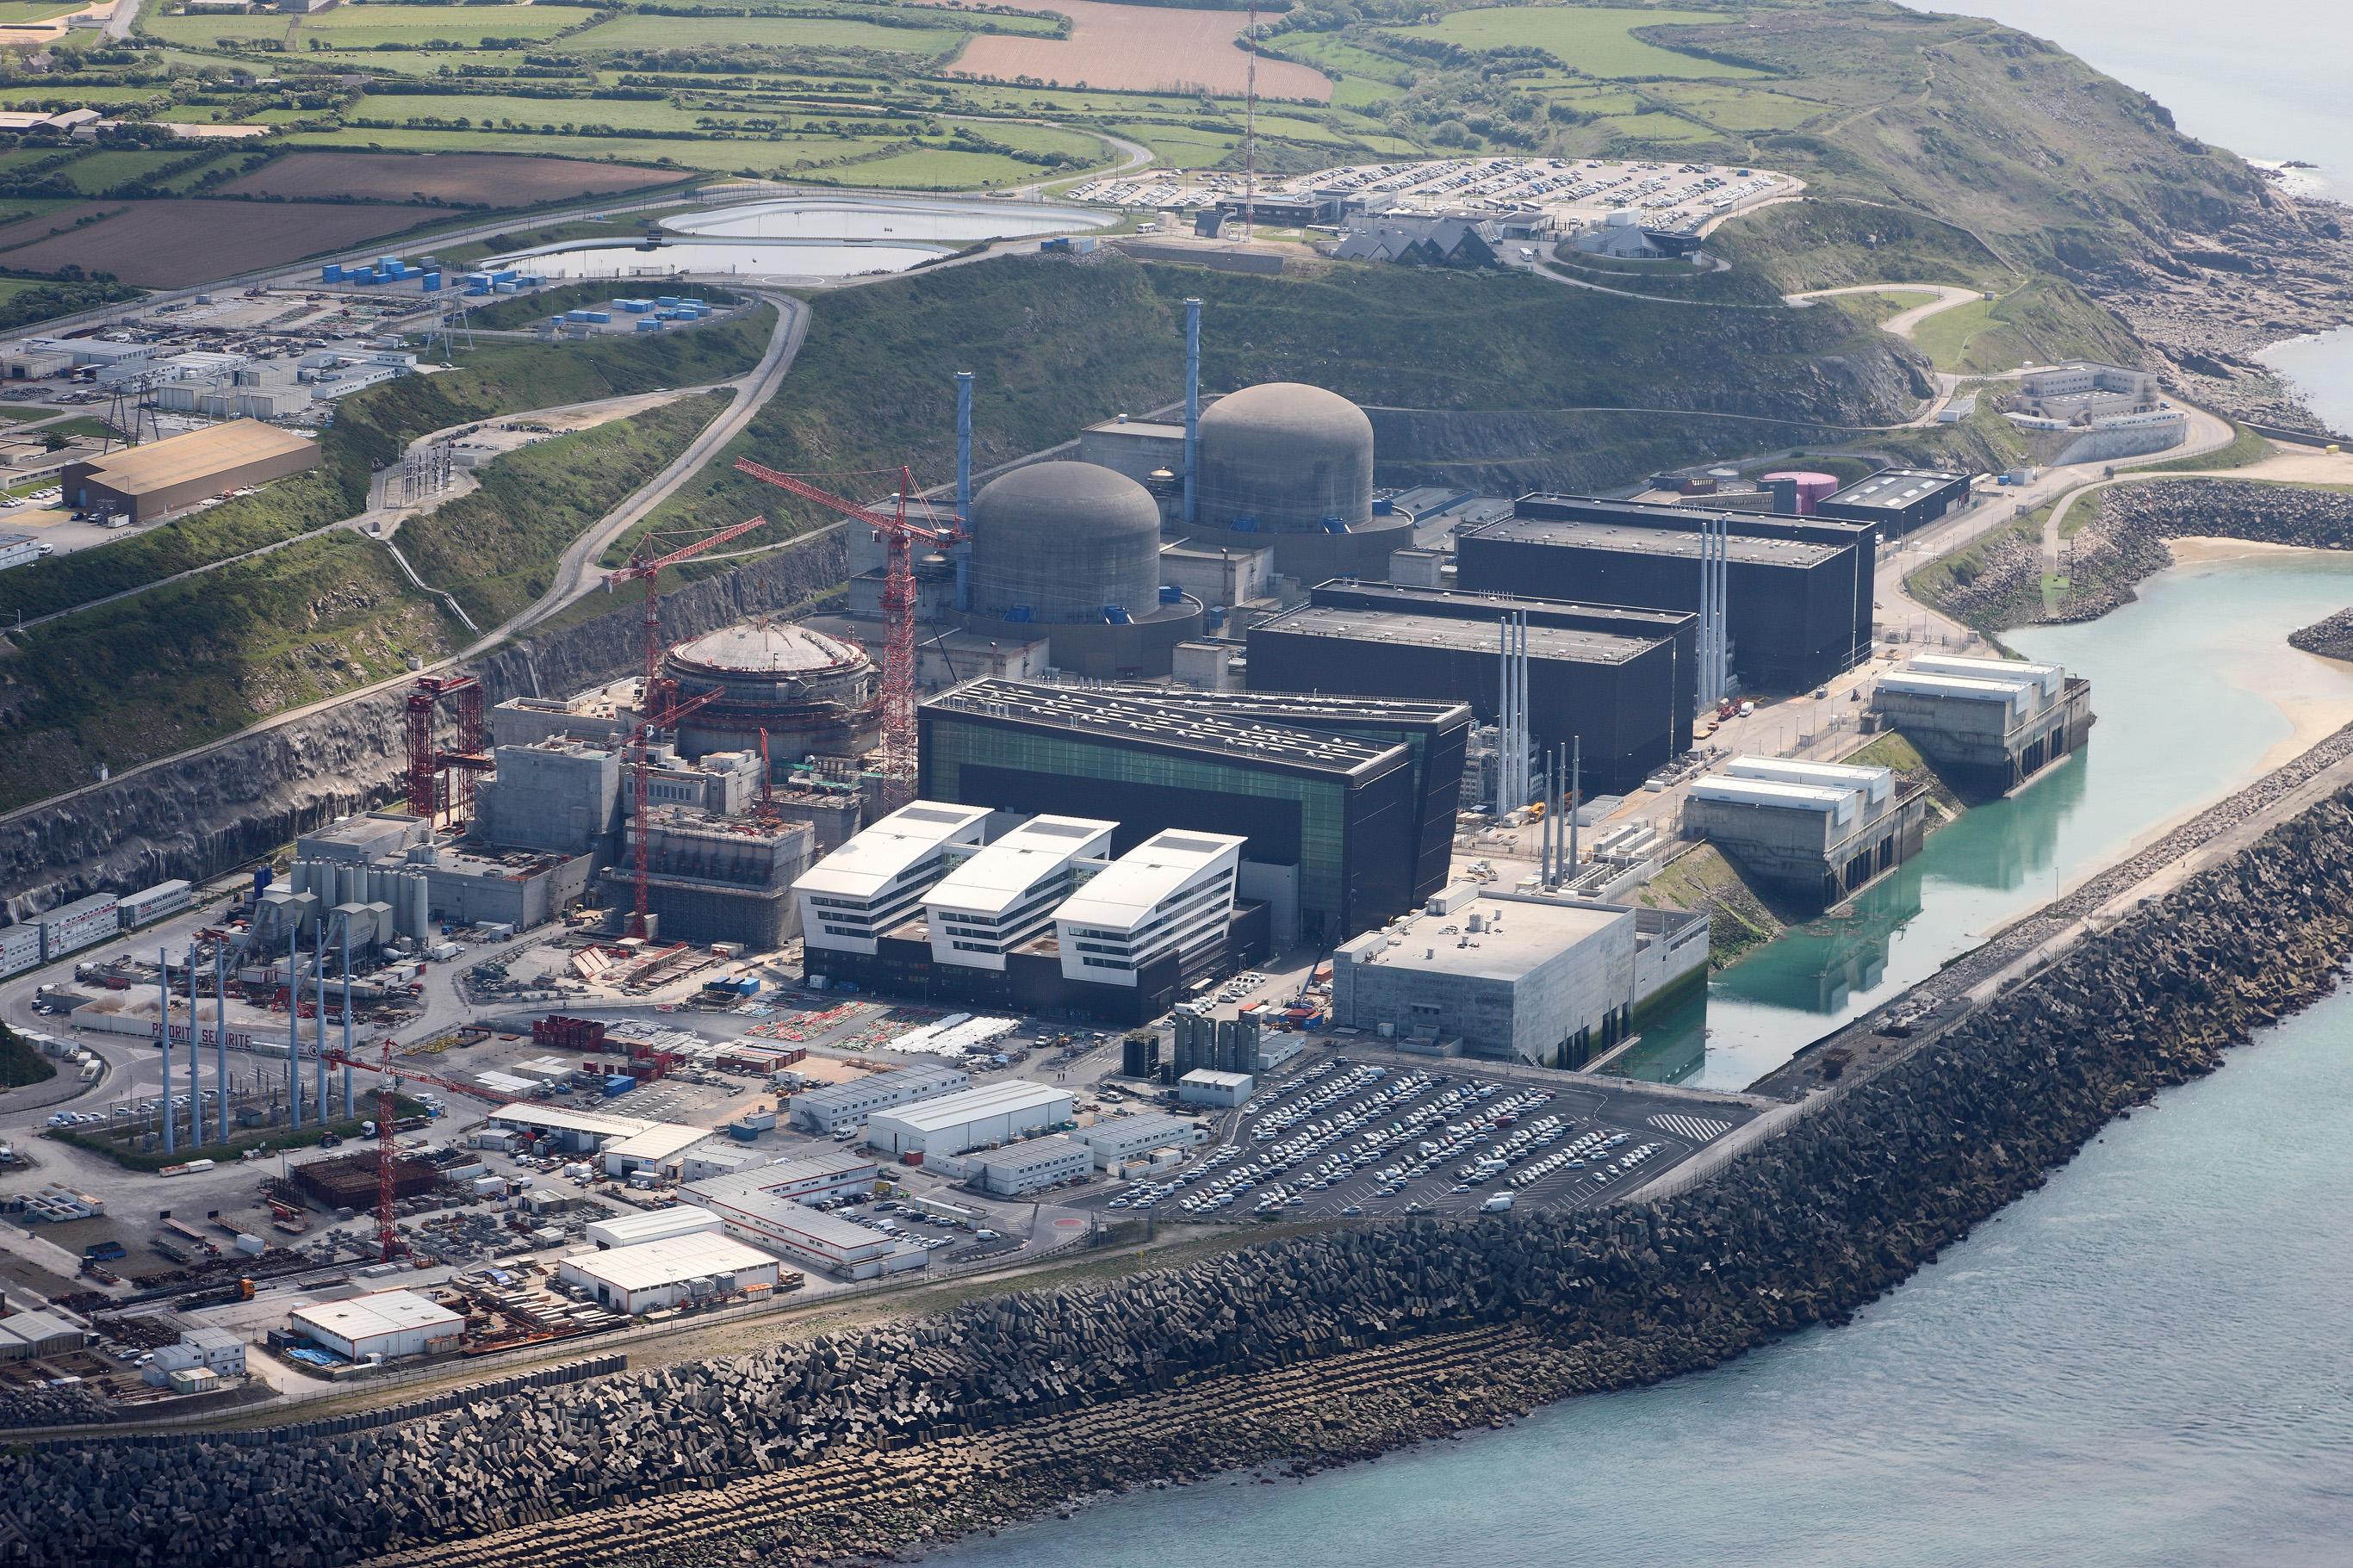 jaderná energie - Společnost EDF postupuje v předprovozních testech v JE Flamanville - Nové bloky ve světě (FLA220 079) 3